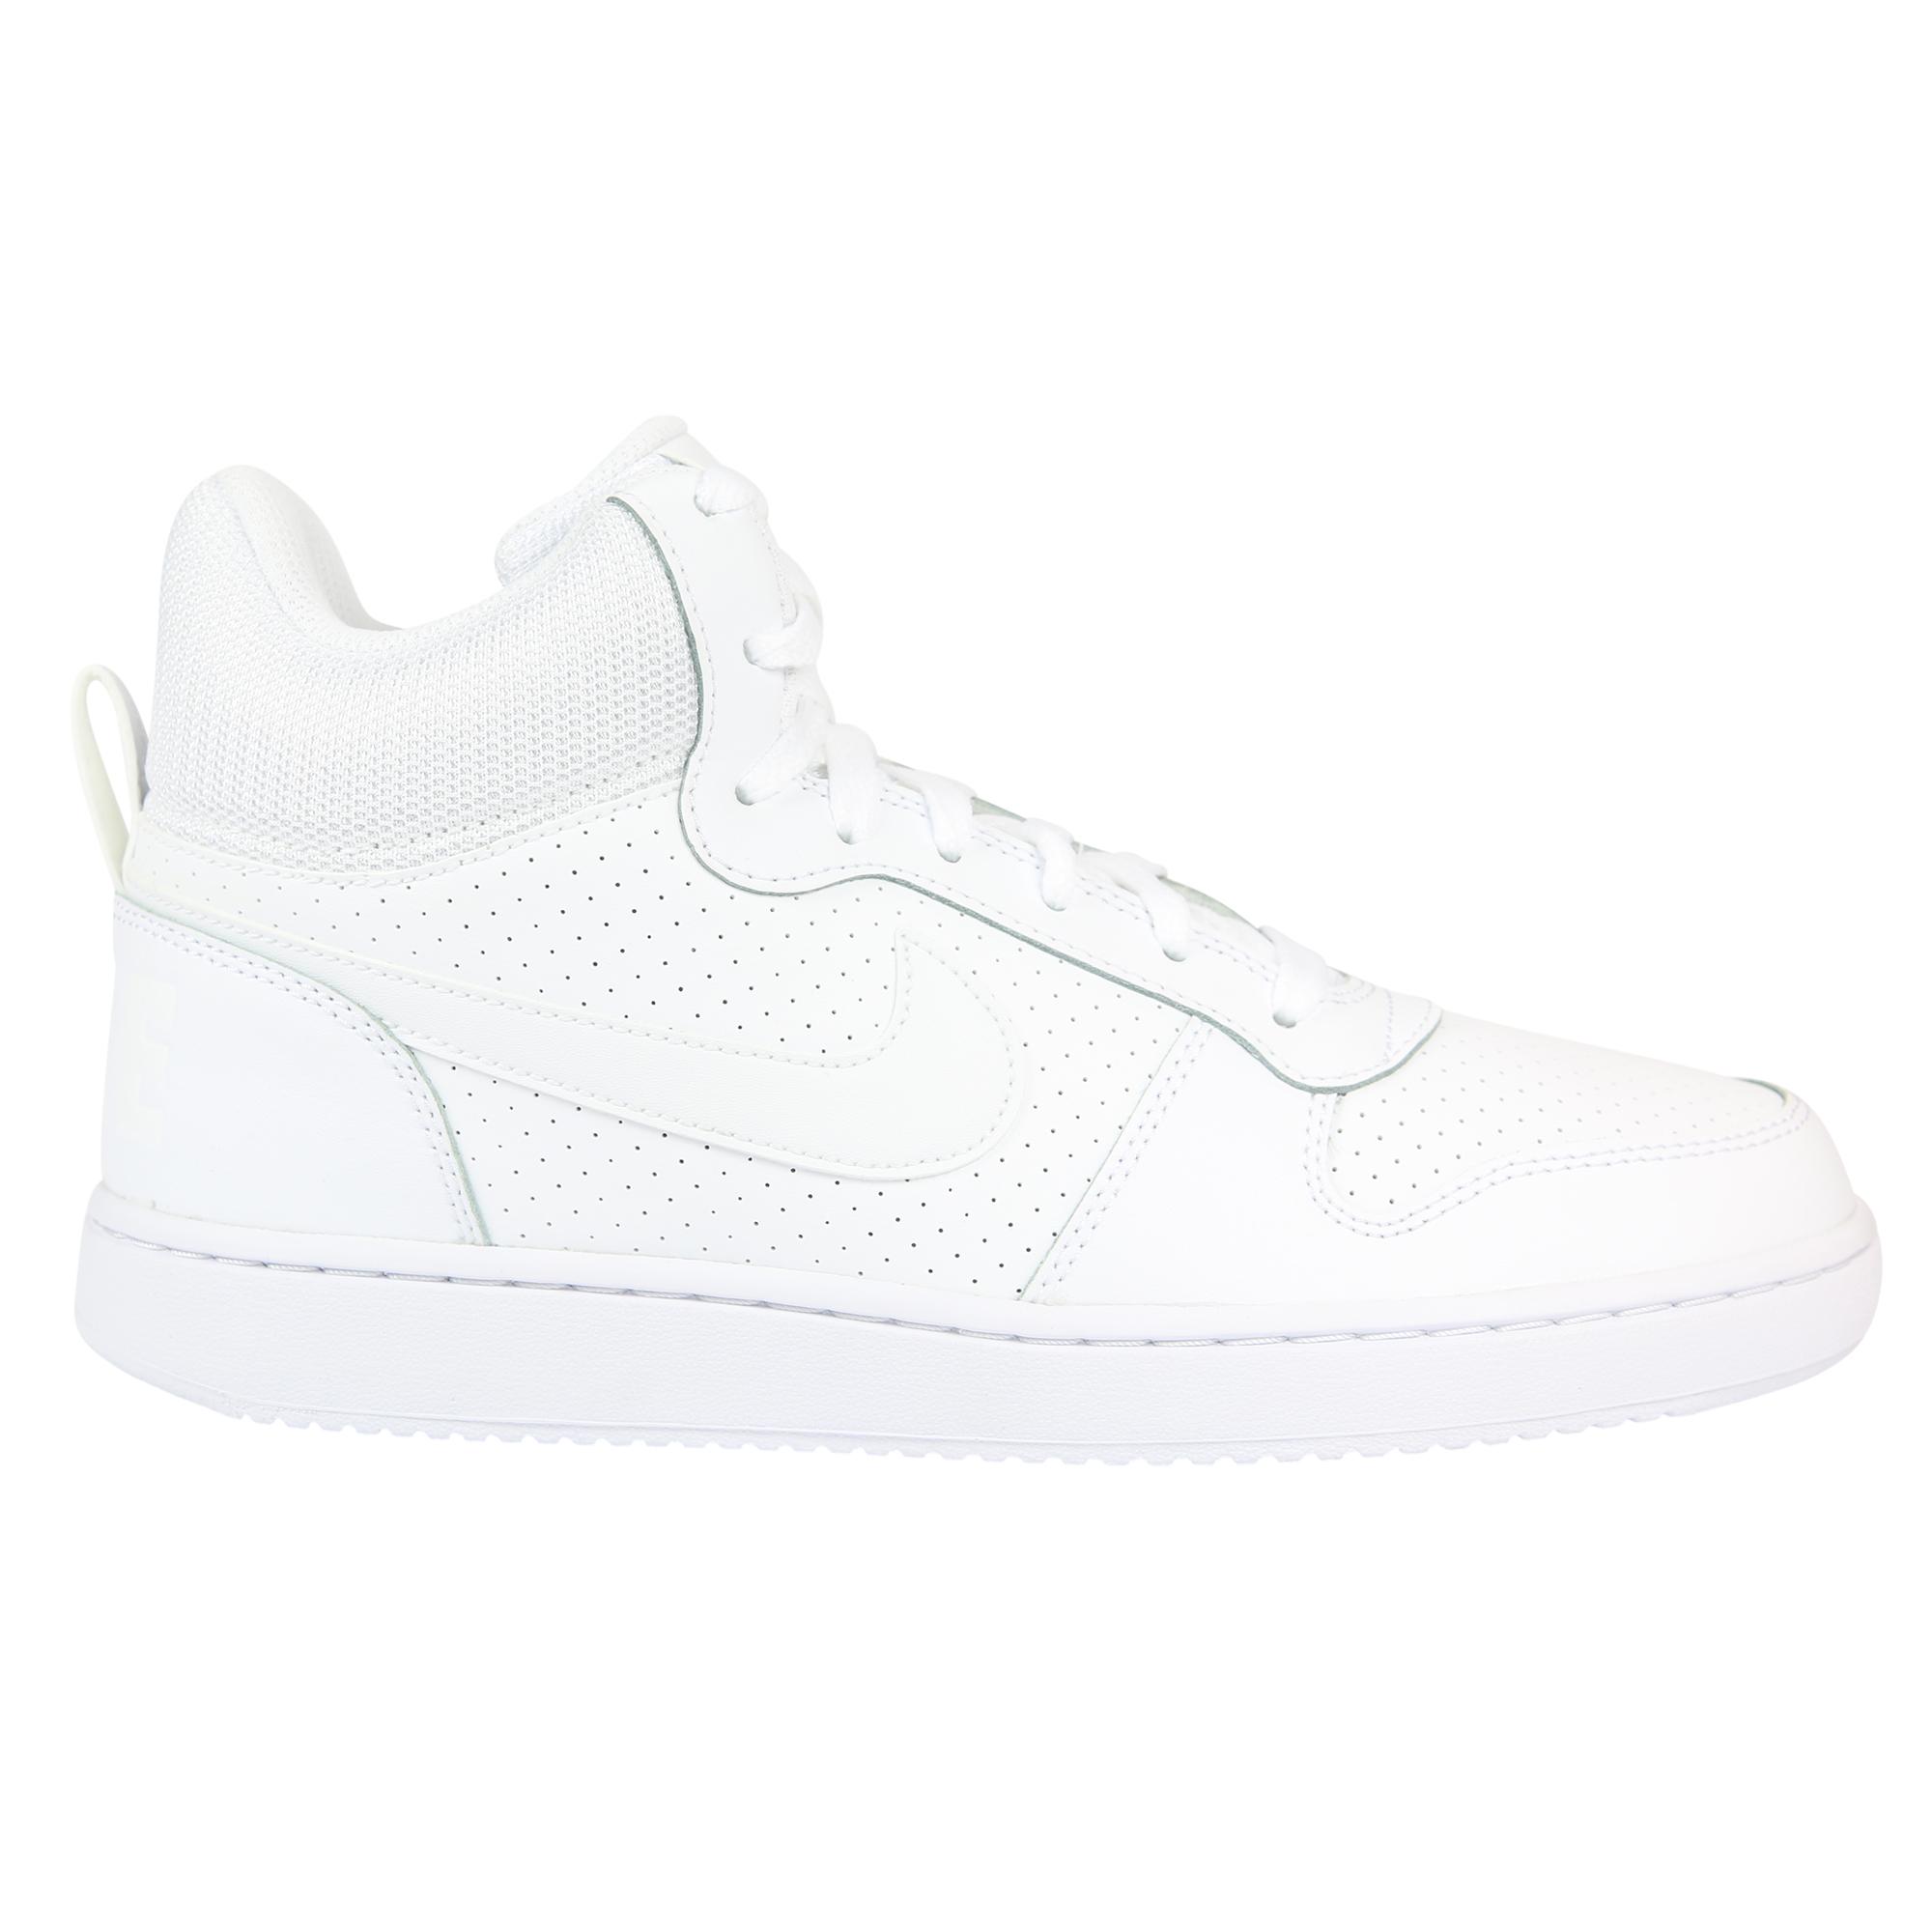 Nike Court Borough Mid Schuhe Turnschuhe Sneaker Herren